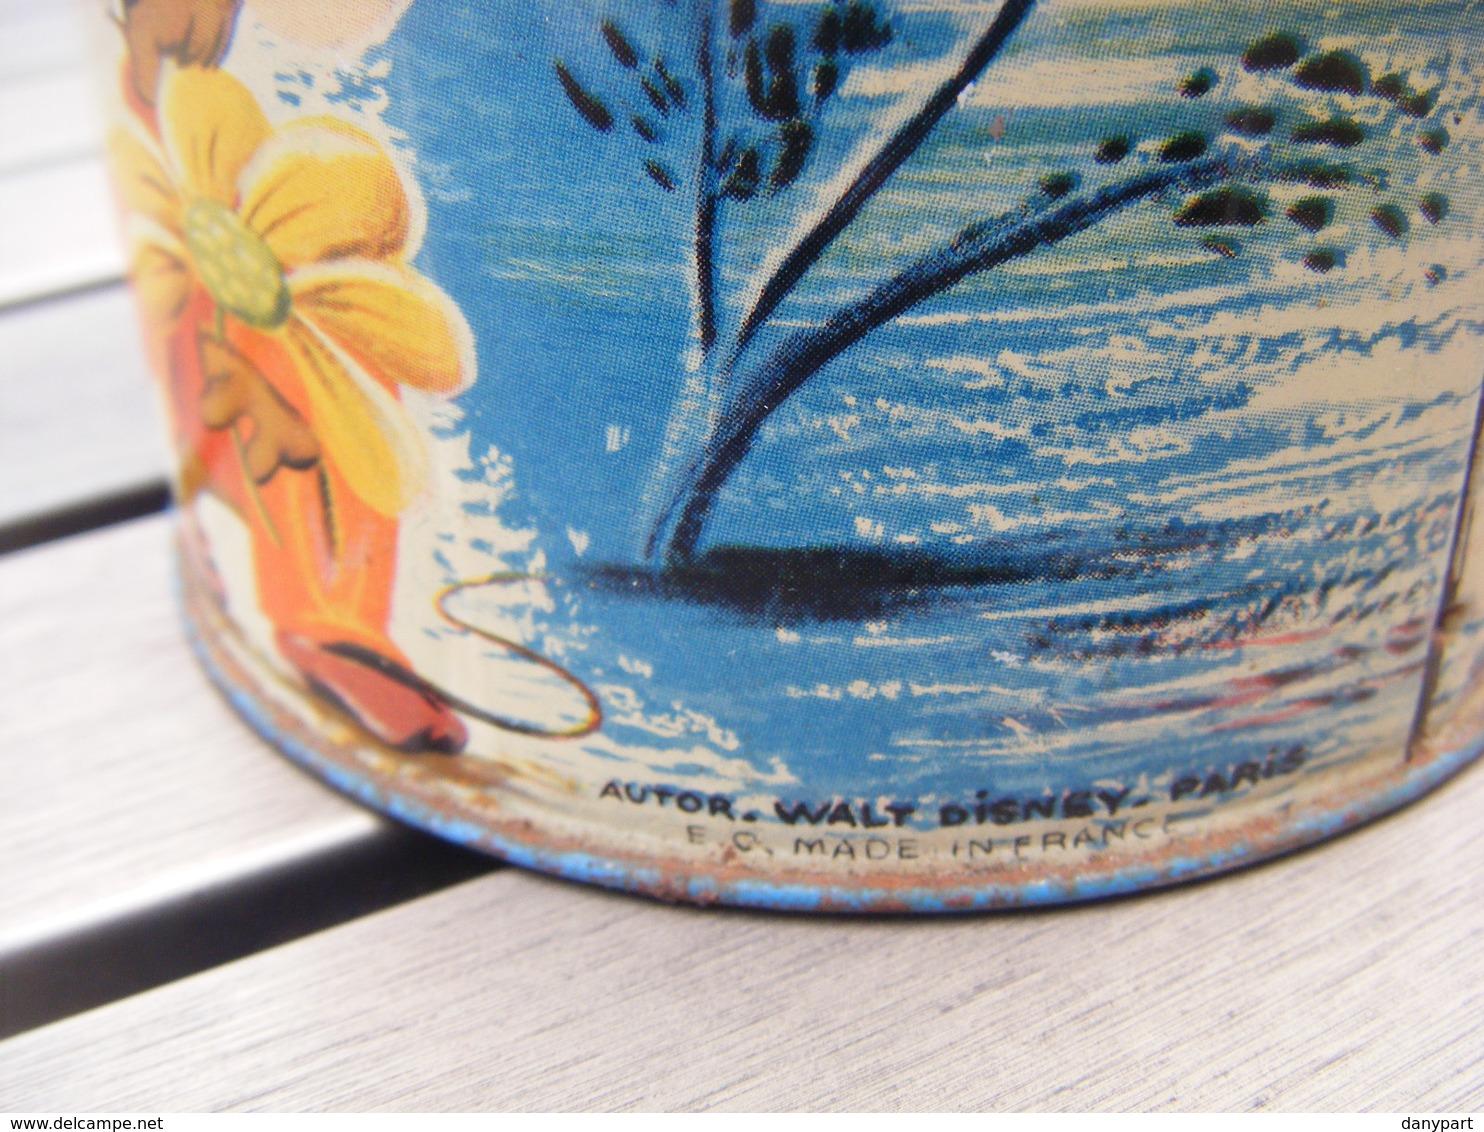 MOULIN A MUSIQUE VINTAGE WALT DISNEY PARIS CENDRILLON RARE GRAND MODELE PARFAIT FONCTIONNEMENT MADE IN FRANCE - Toy Memorabilia